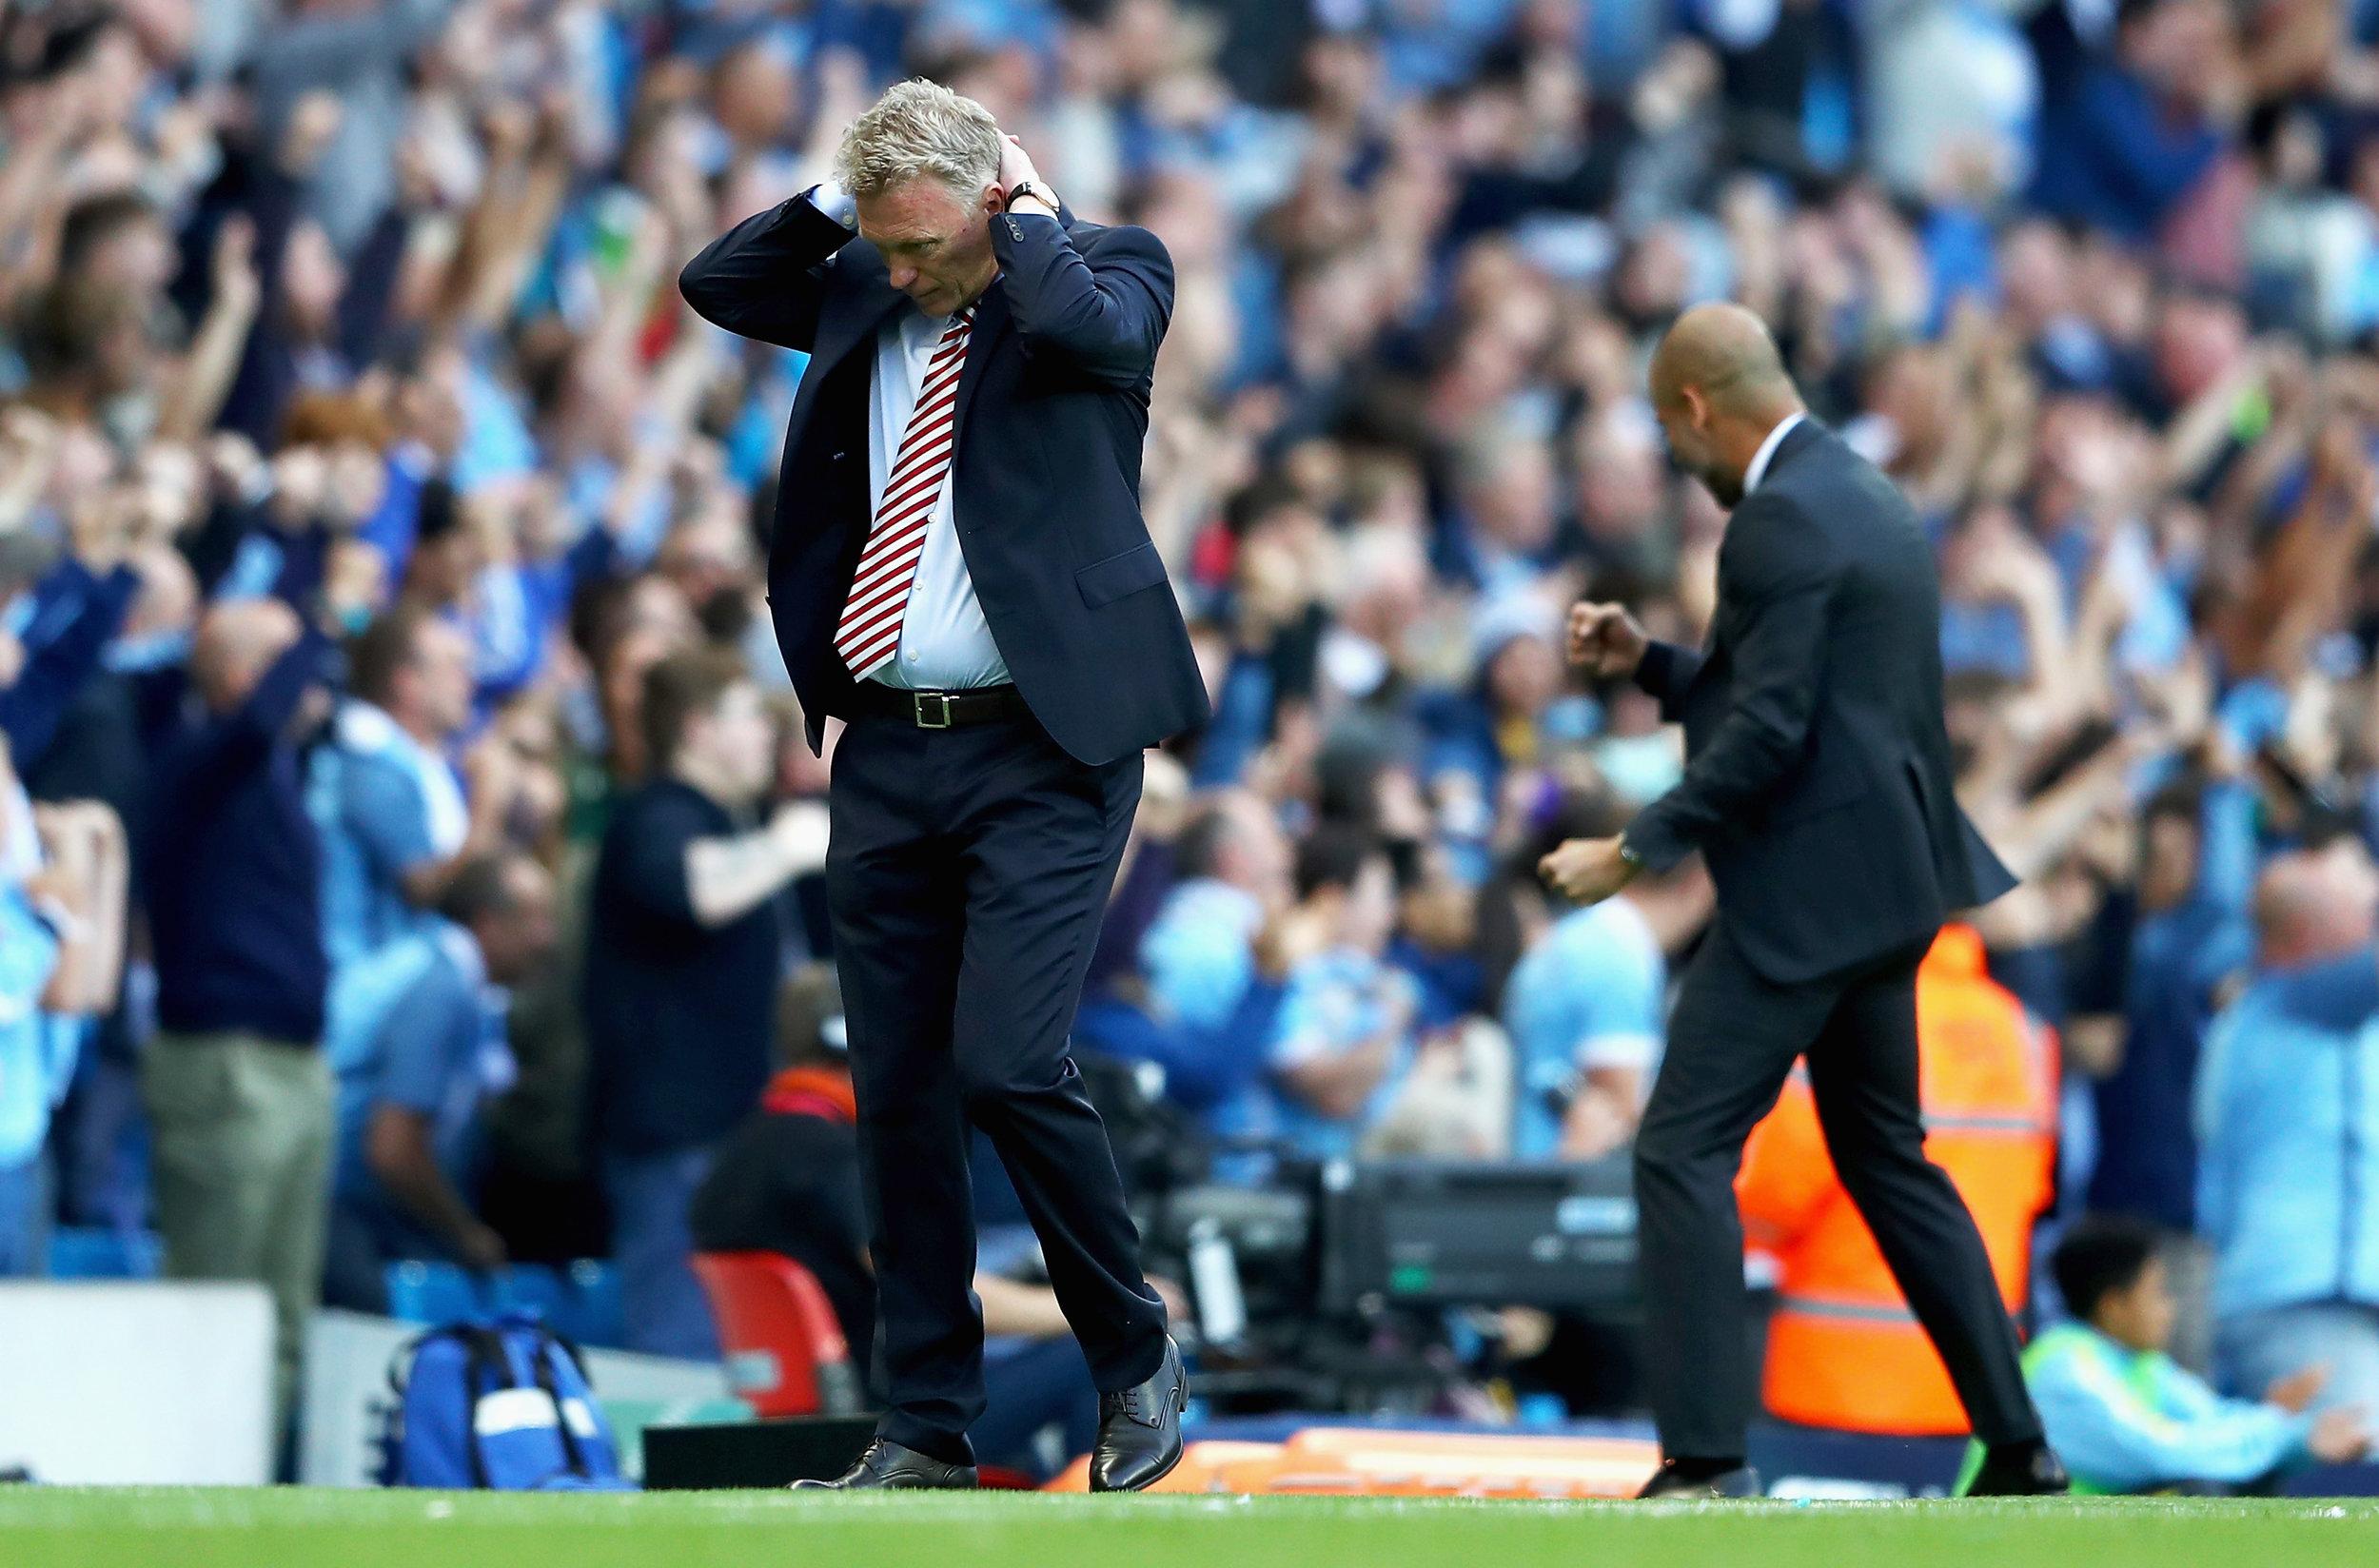 Sunderland har lavet selvmål kort før tid i premierekampen mod Manchester City. Symptomatisk?, spørger Christian Krabbe Barfoed.   Foto: Michael Steele/Getty Images